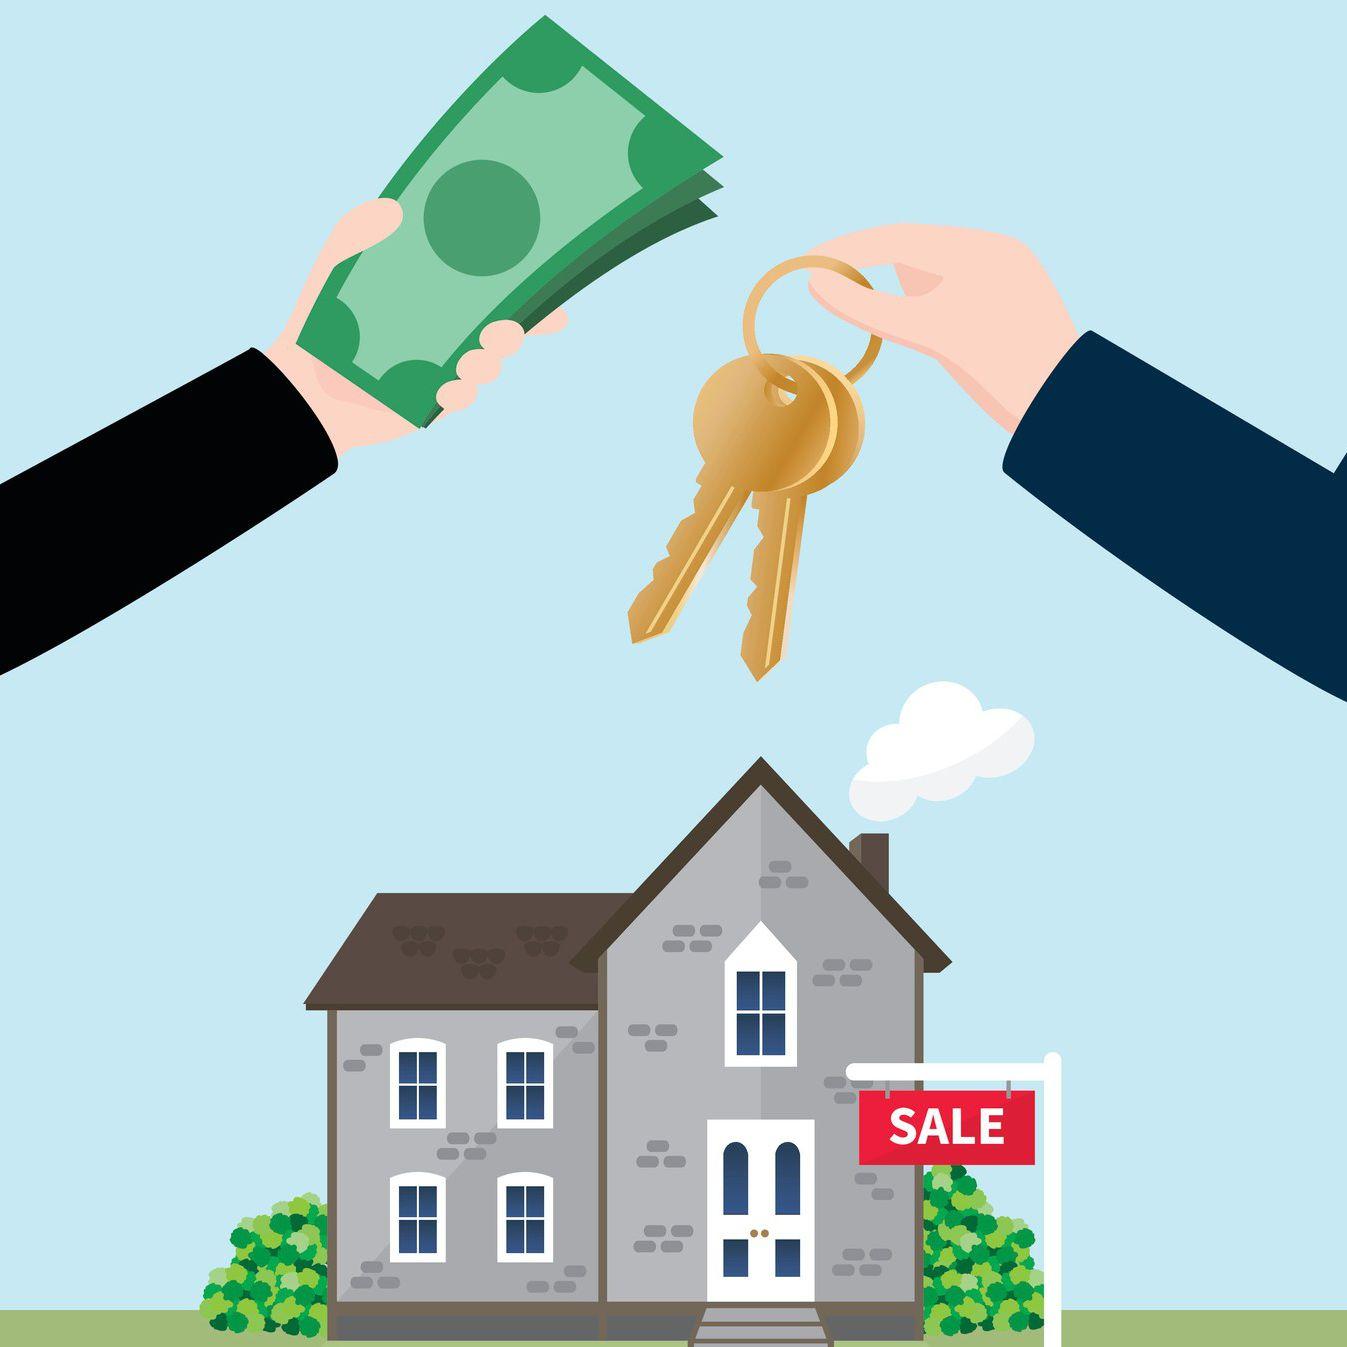 加拿大购房的法律问题